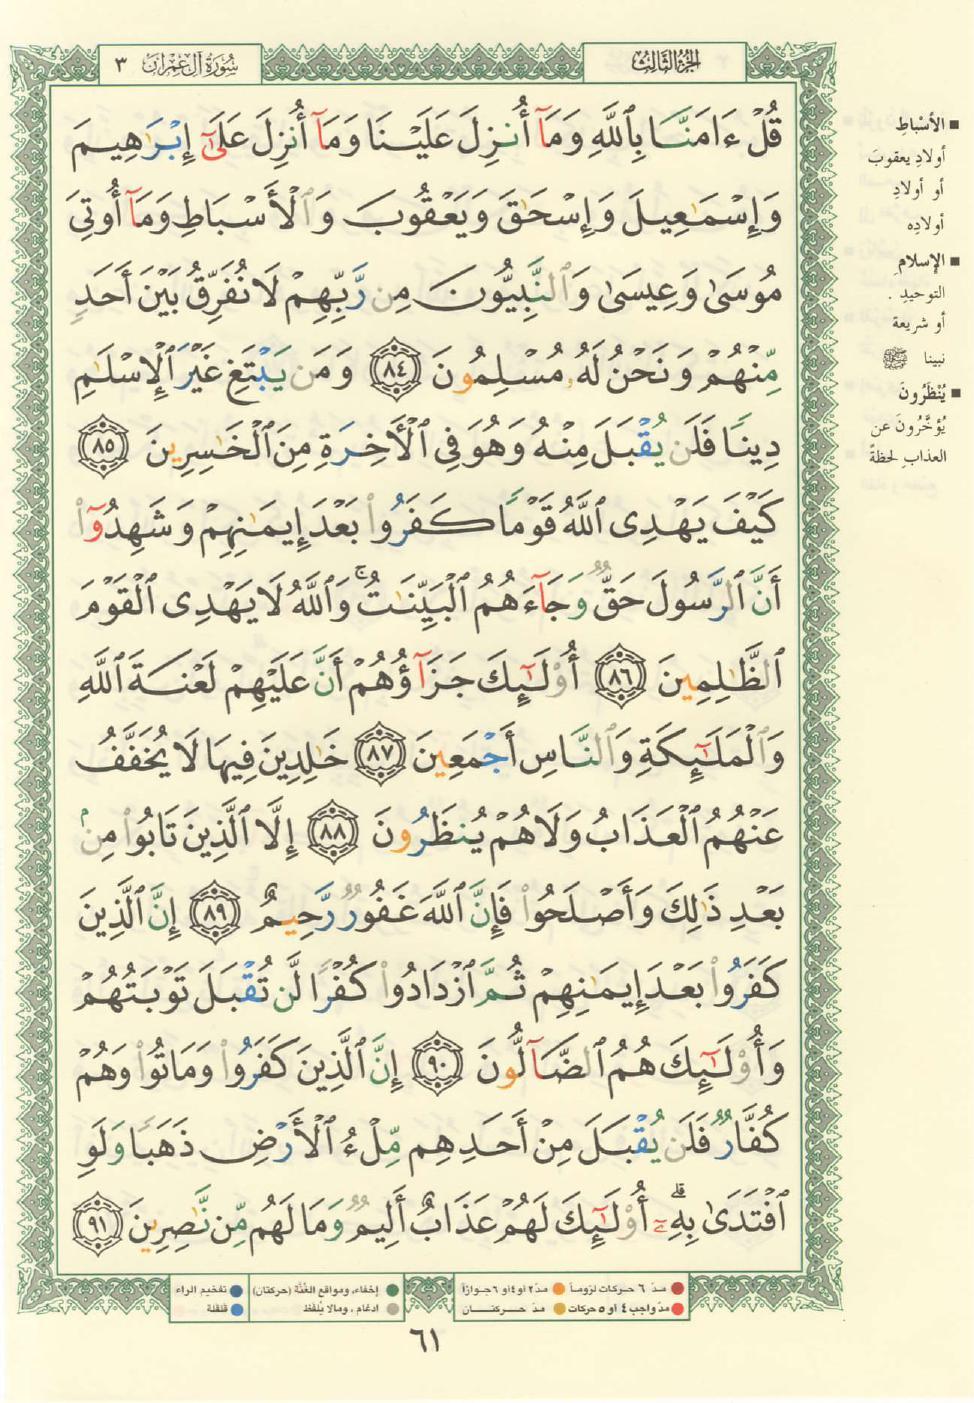 3. سورة آل عمران - Al-Imran مصورة من المصحف الشريف Quran_tajwid_000070